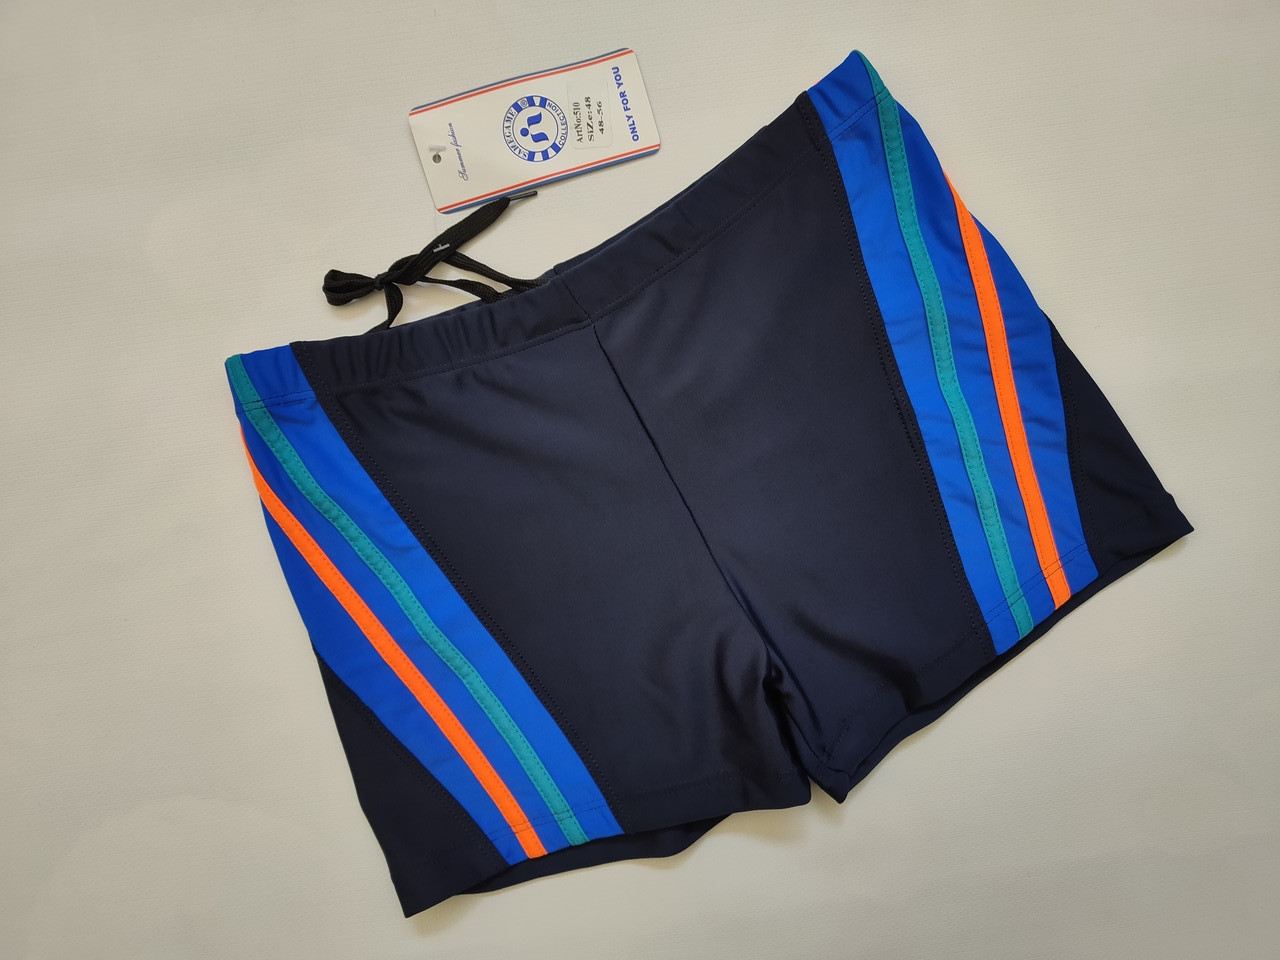 Шорты-плавки мужские SAME GAME 510 синий (В НАЛИЧИИ ТОЛЬКО   48 52 54 56  размеры)